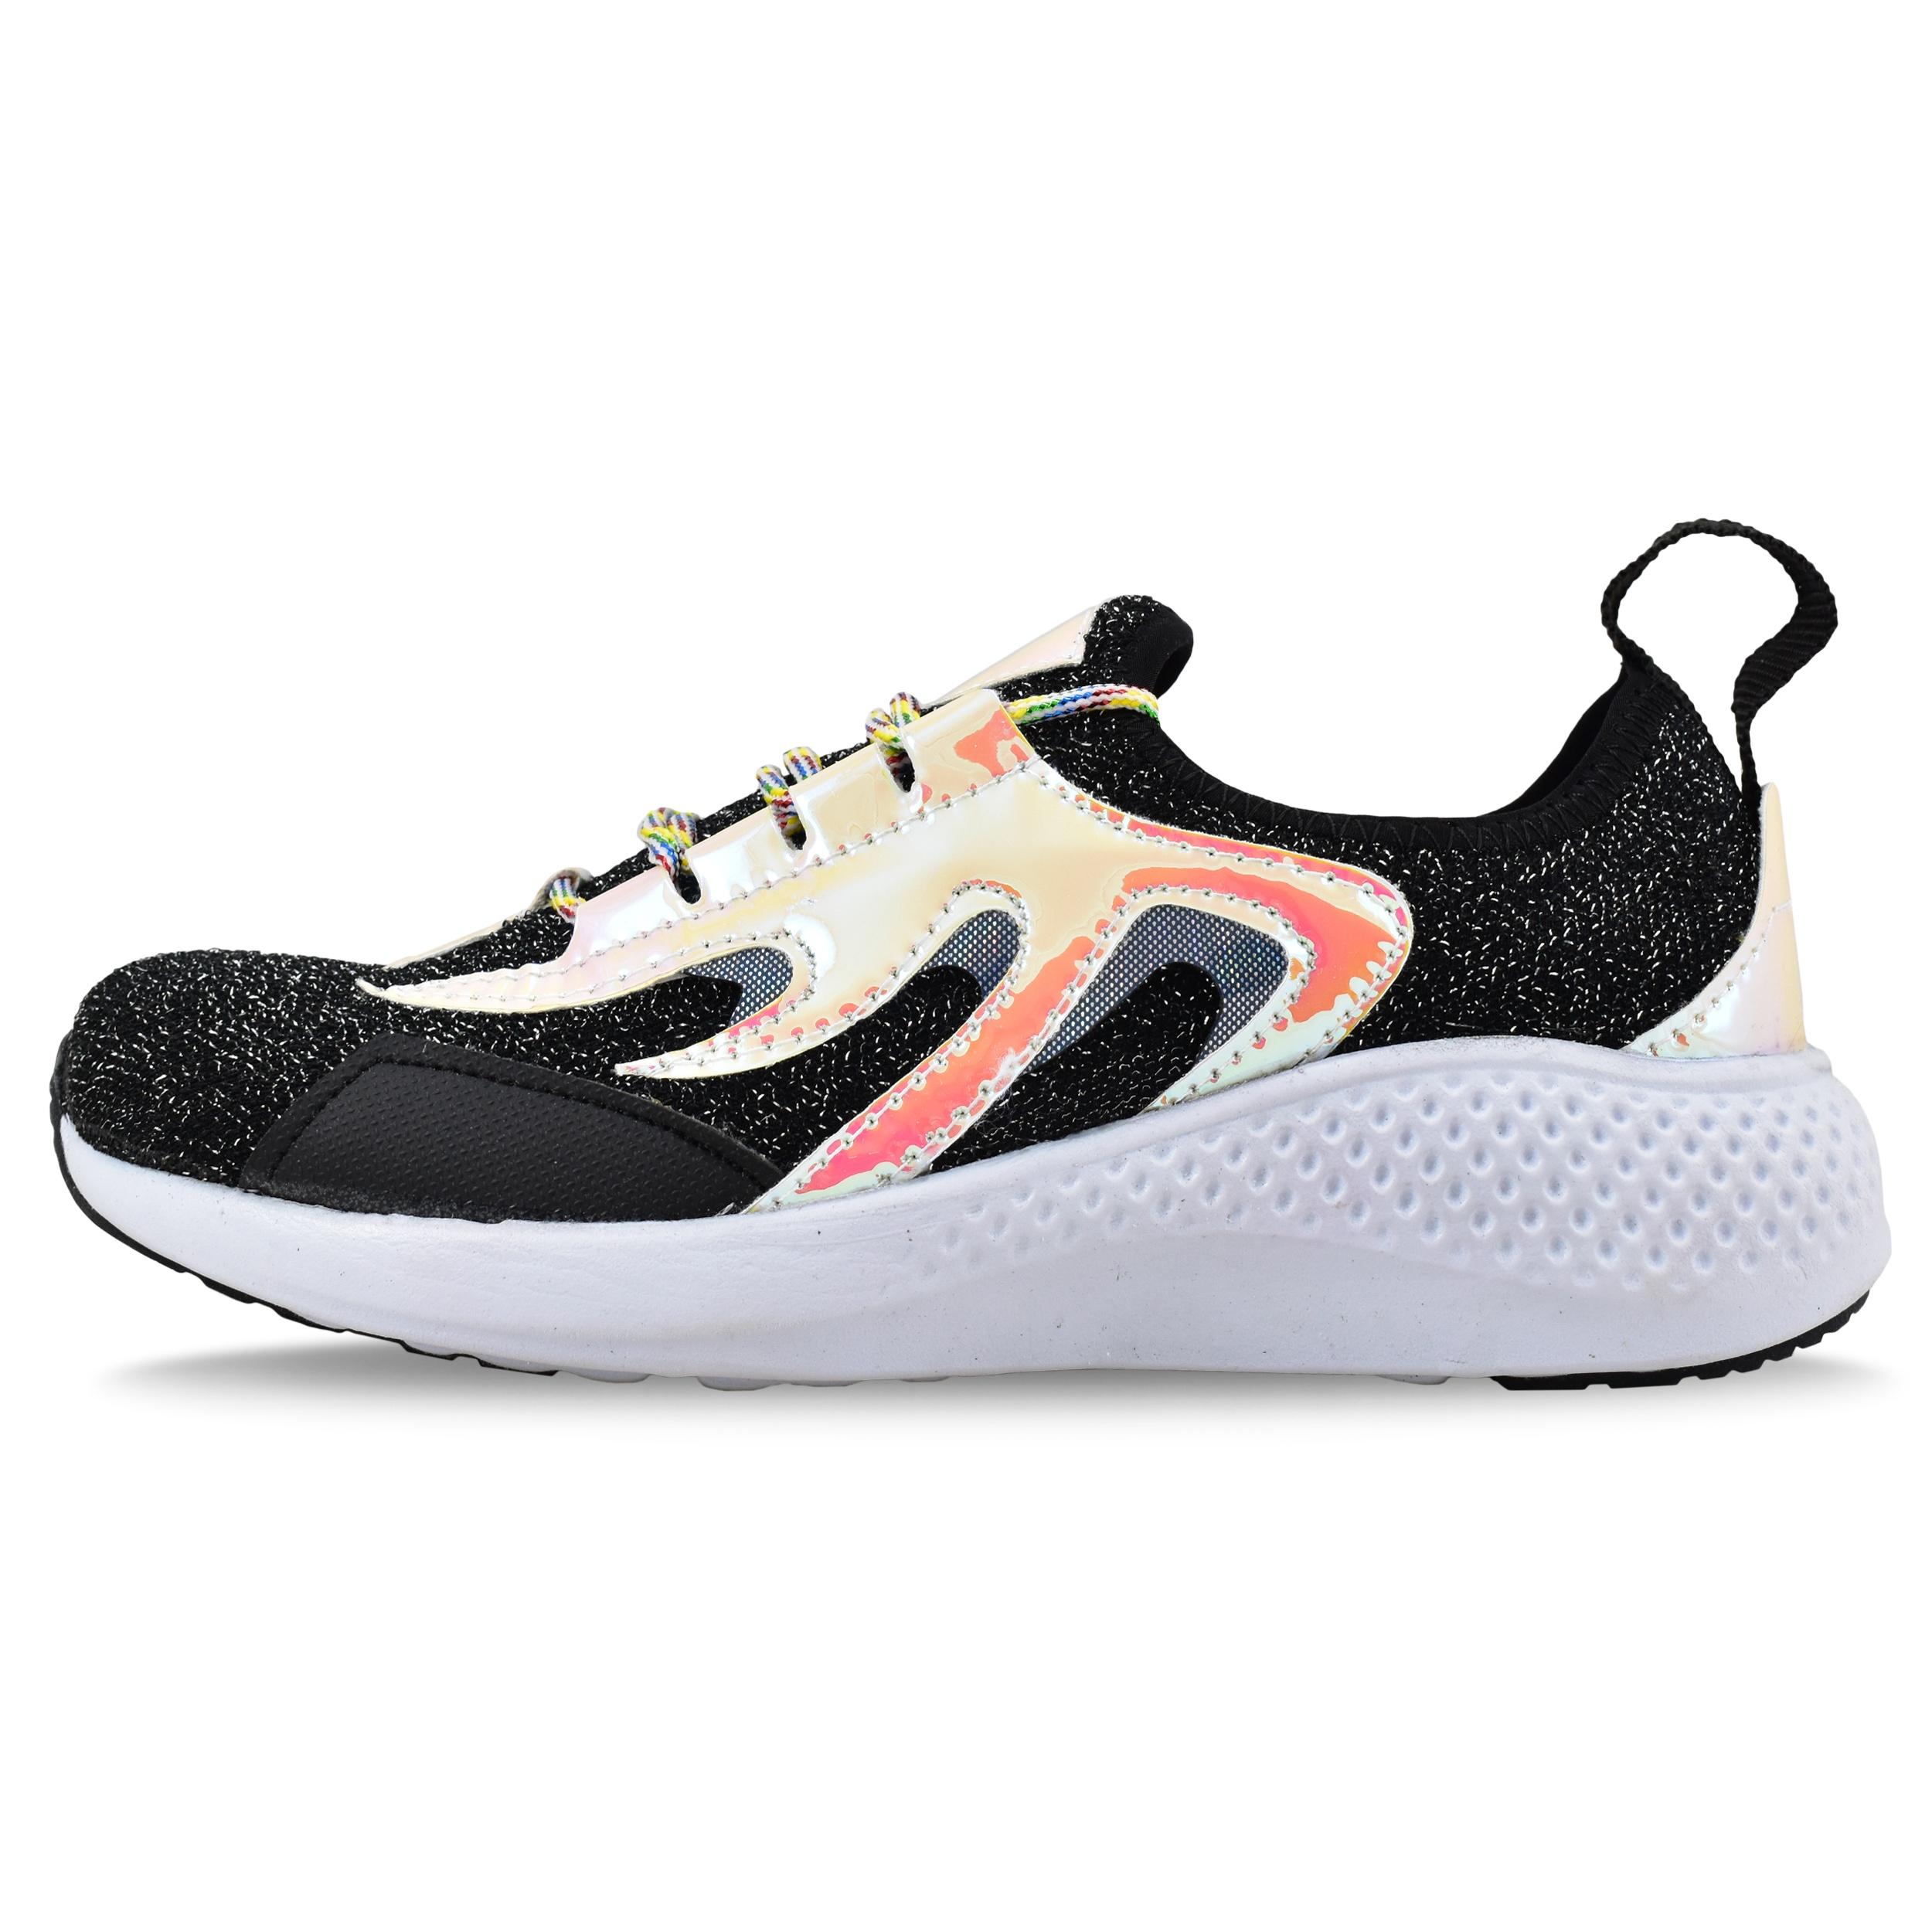 کفش مخصوص پیاده روی زنانه مدل فایر کد 4593